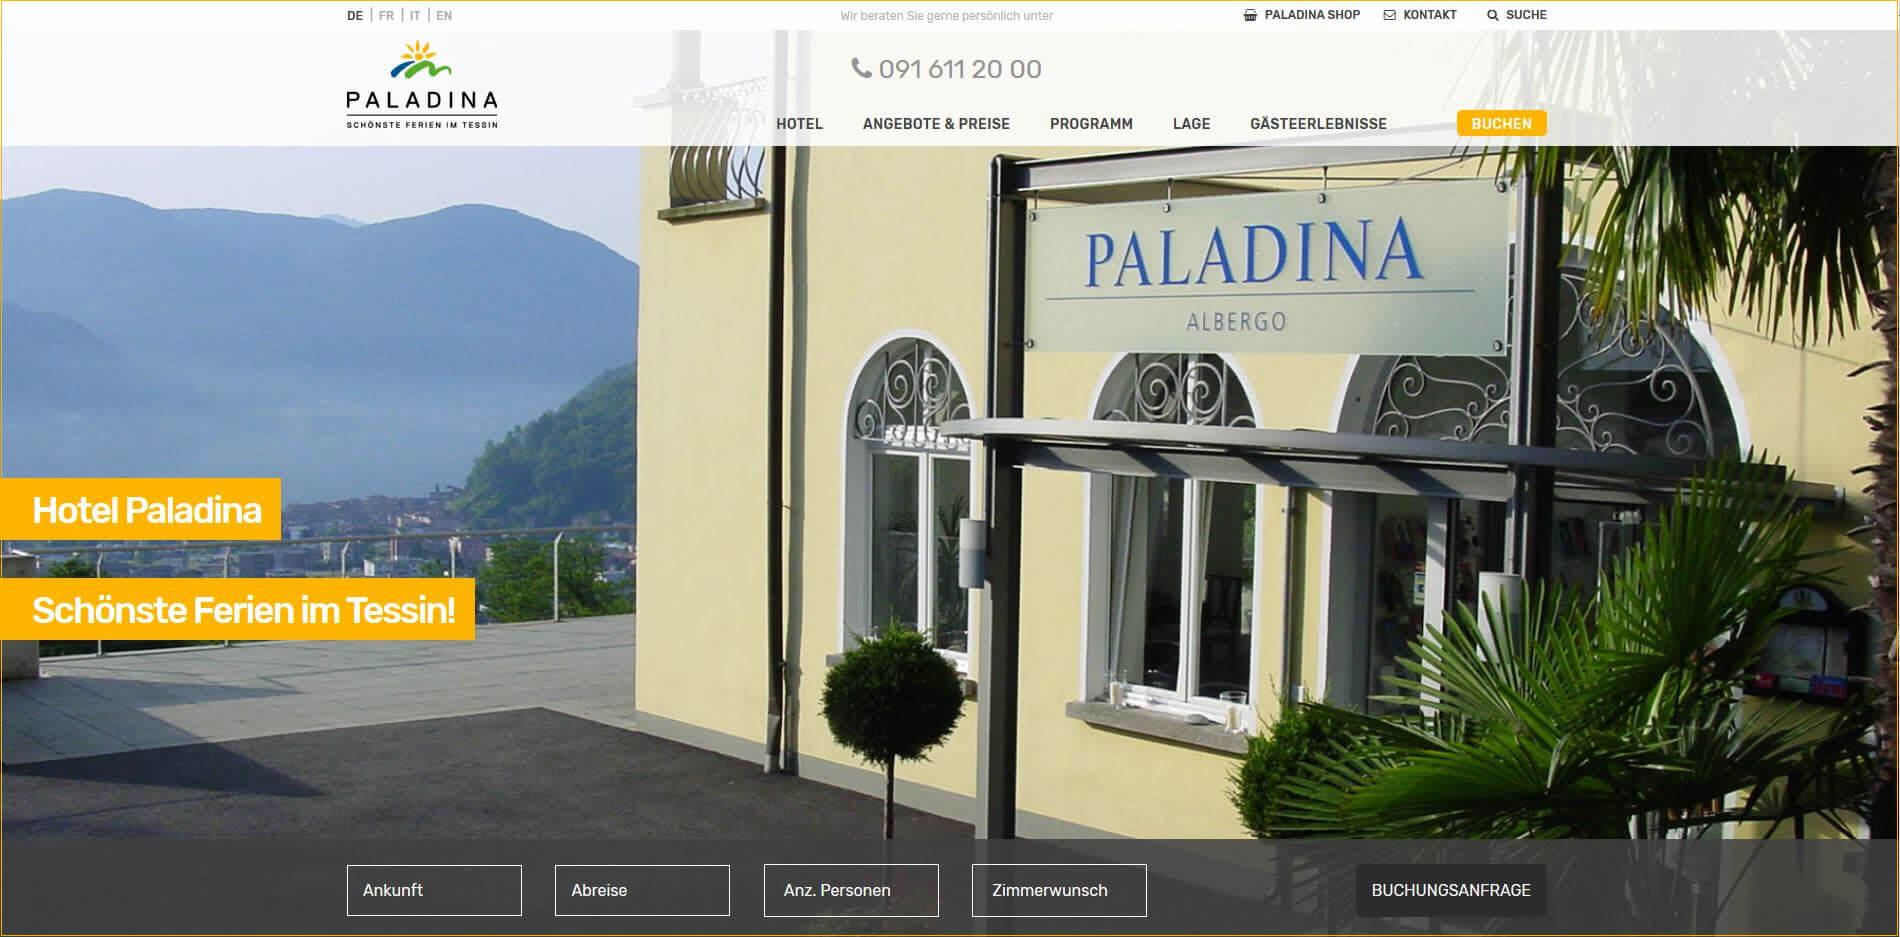 Hotel Paladina - Familien-, Gruppen- oder Einzelgast-Hotel